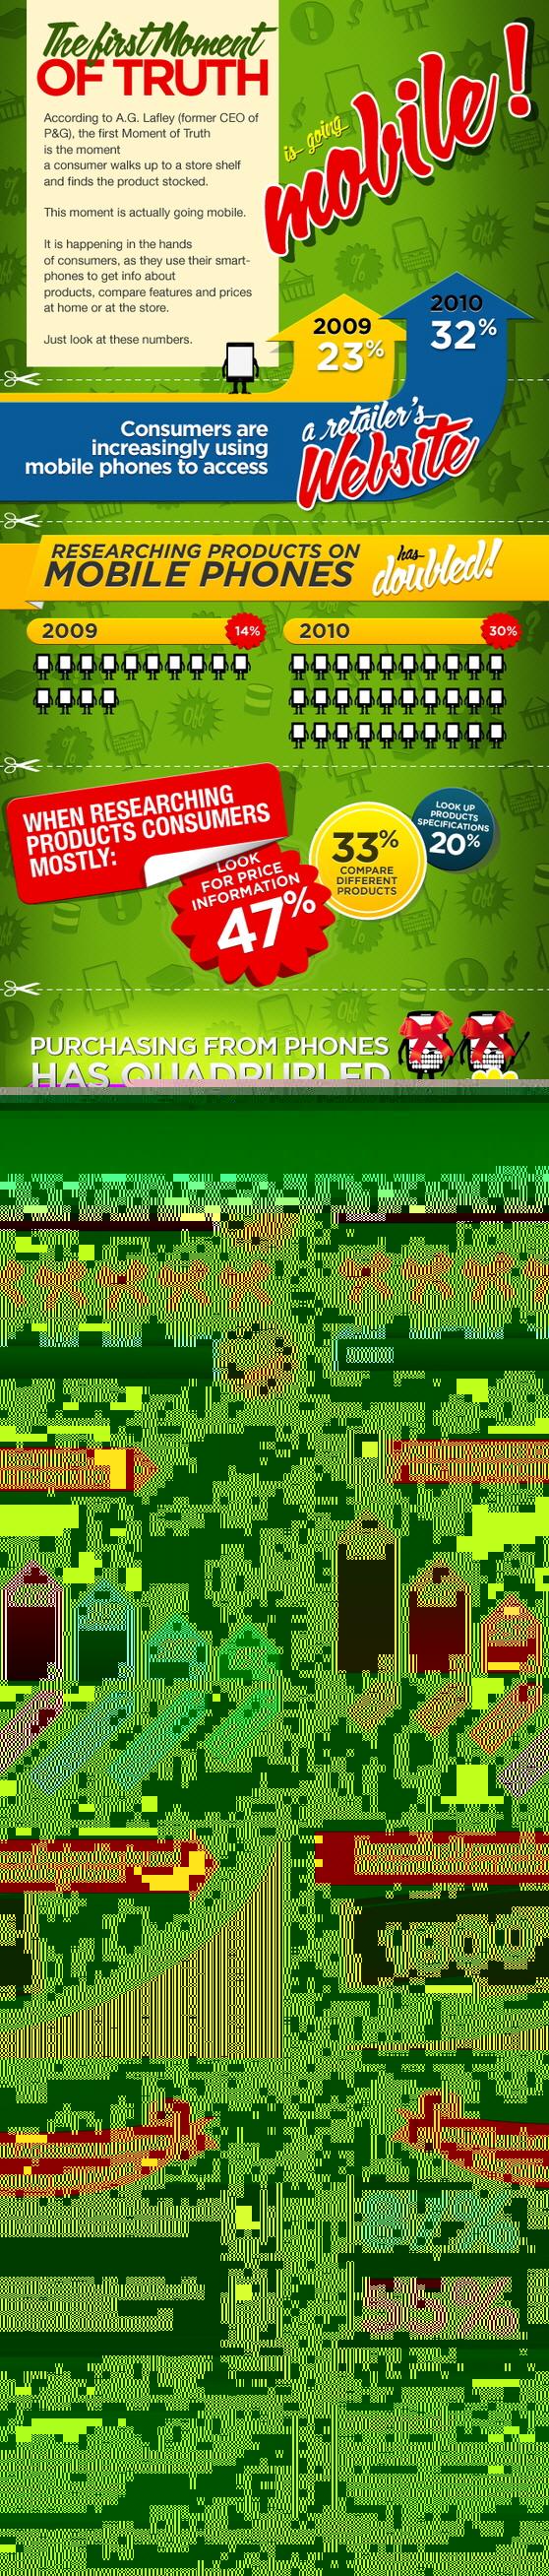 Mobil Cihazlar Satın Alma Kararını Etkiliyor